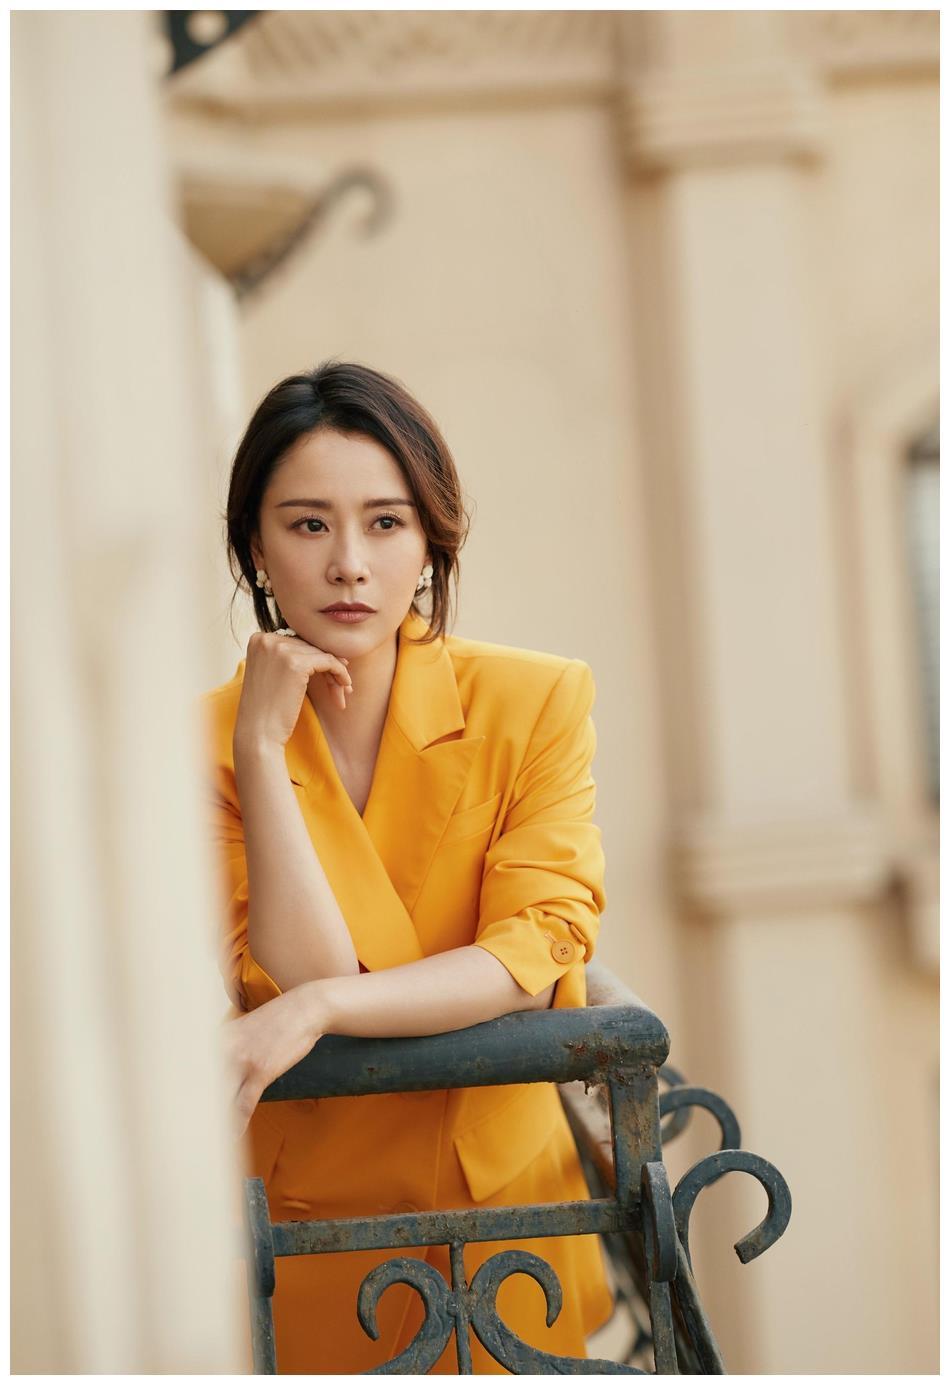 海清身着鹅黄色西服套装  明艳动人